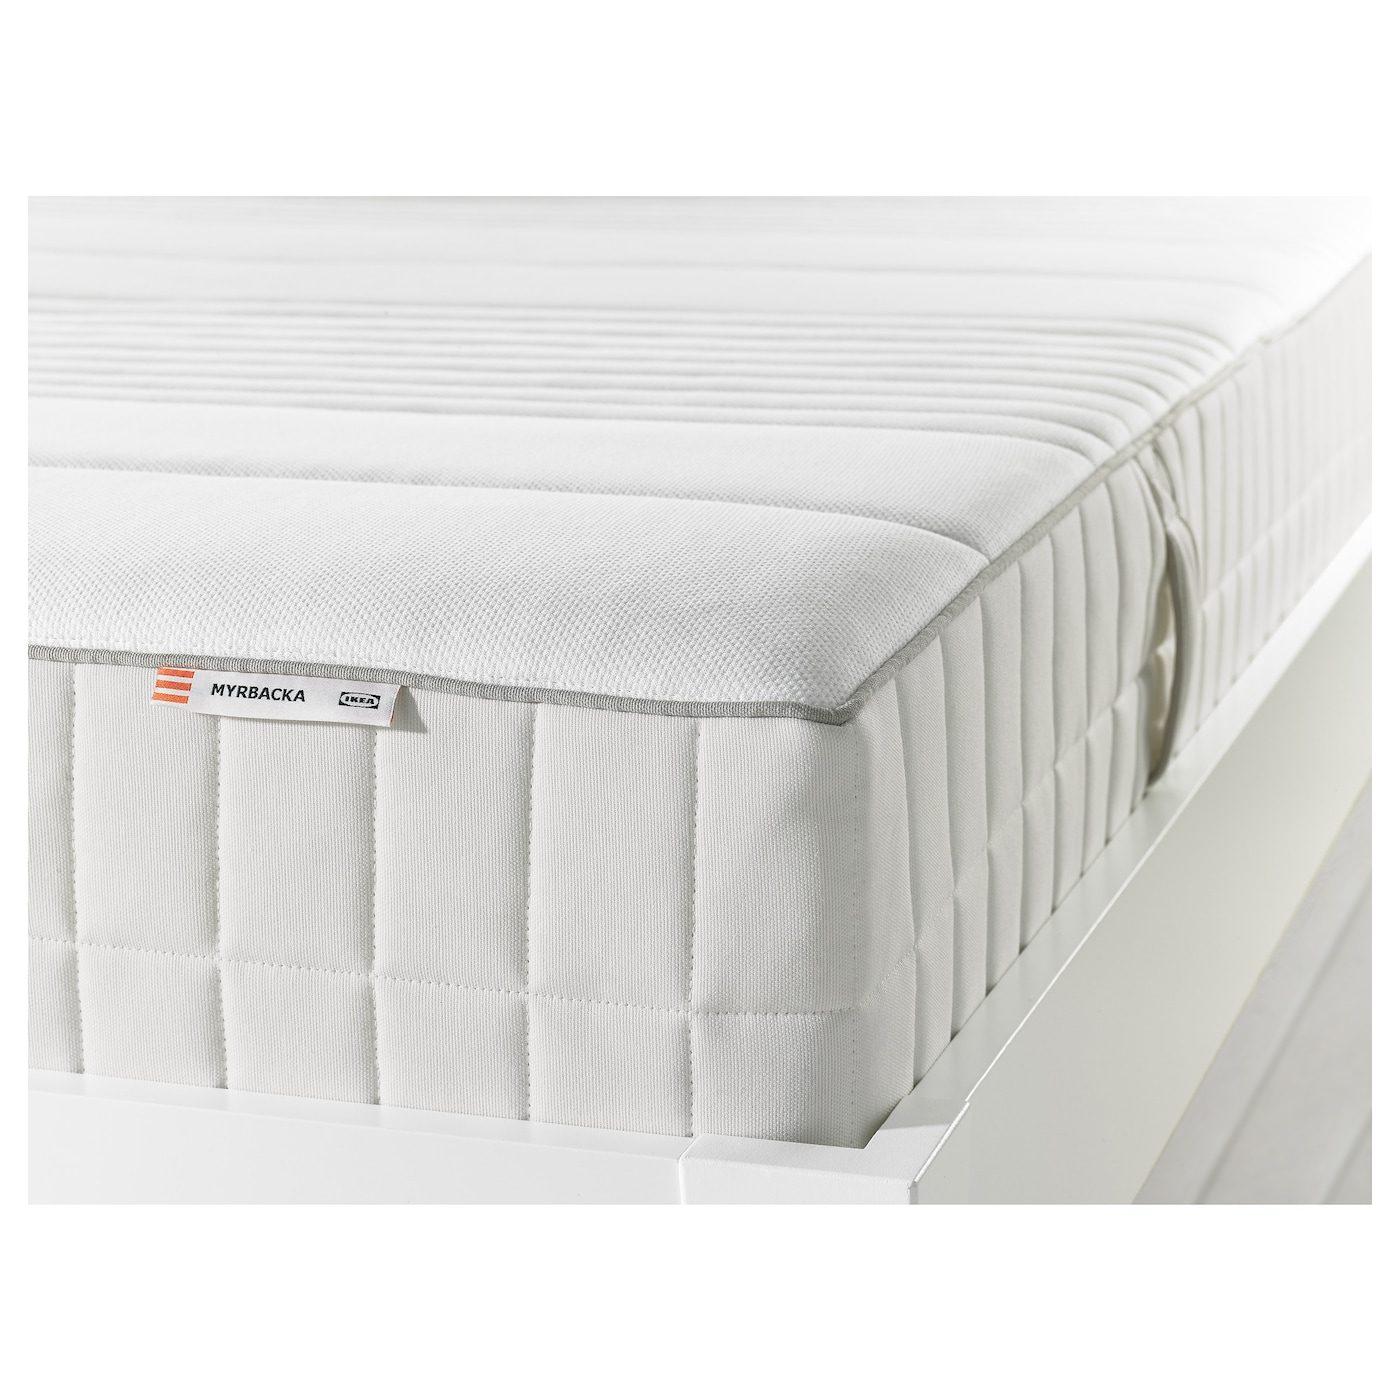 Materassi Lattice E Memory Foam.Myrbacka Materasso In Memory Foam Rigido Bianco Ikea Italy